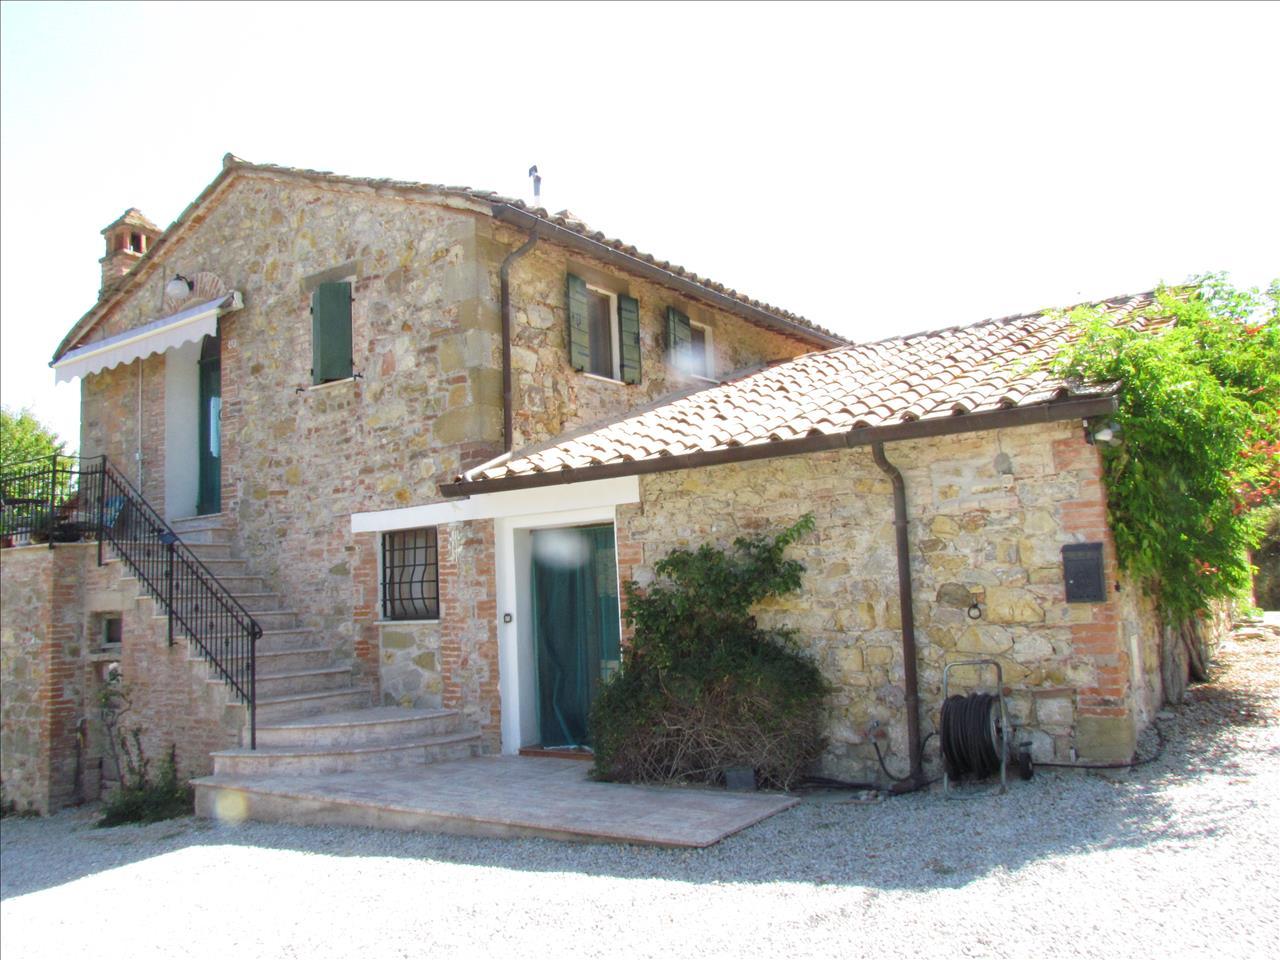 Rustico / Casale in vendita a Piegaro, 4 locali, prezzo € 370.000 | CambioCasa.it